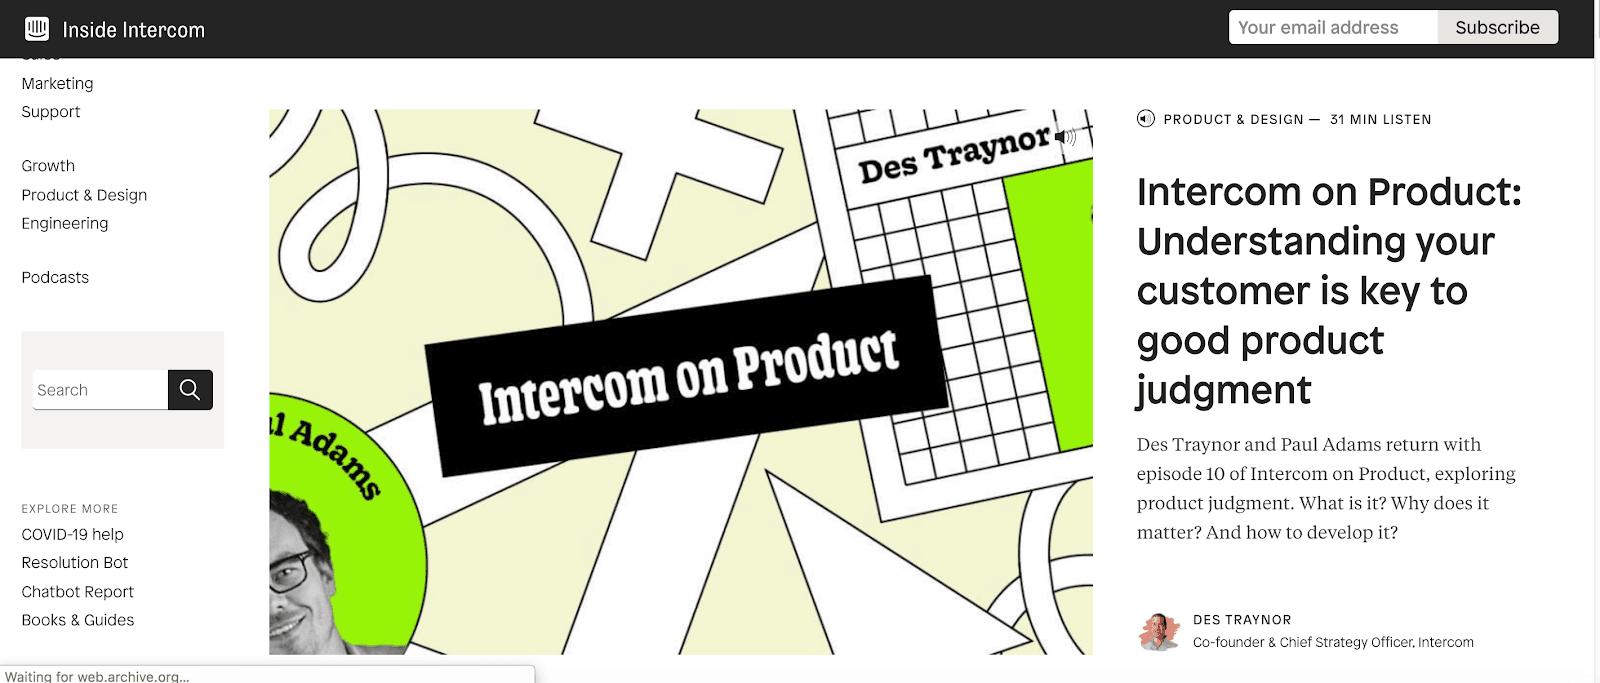 Inside Intercom